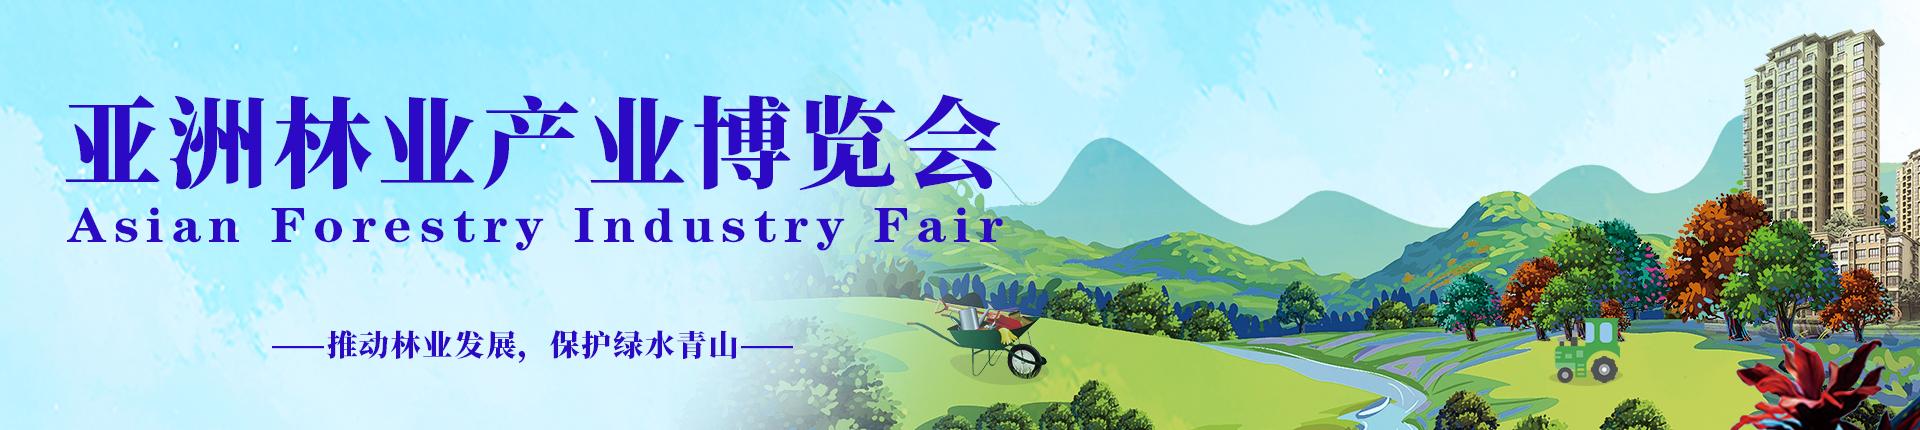 云展·亚洲林业产业博览会